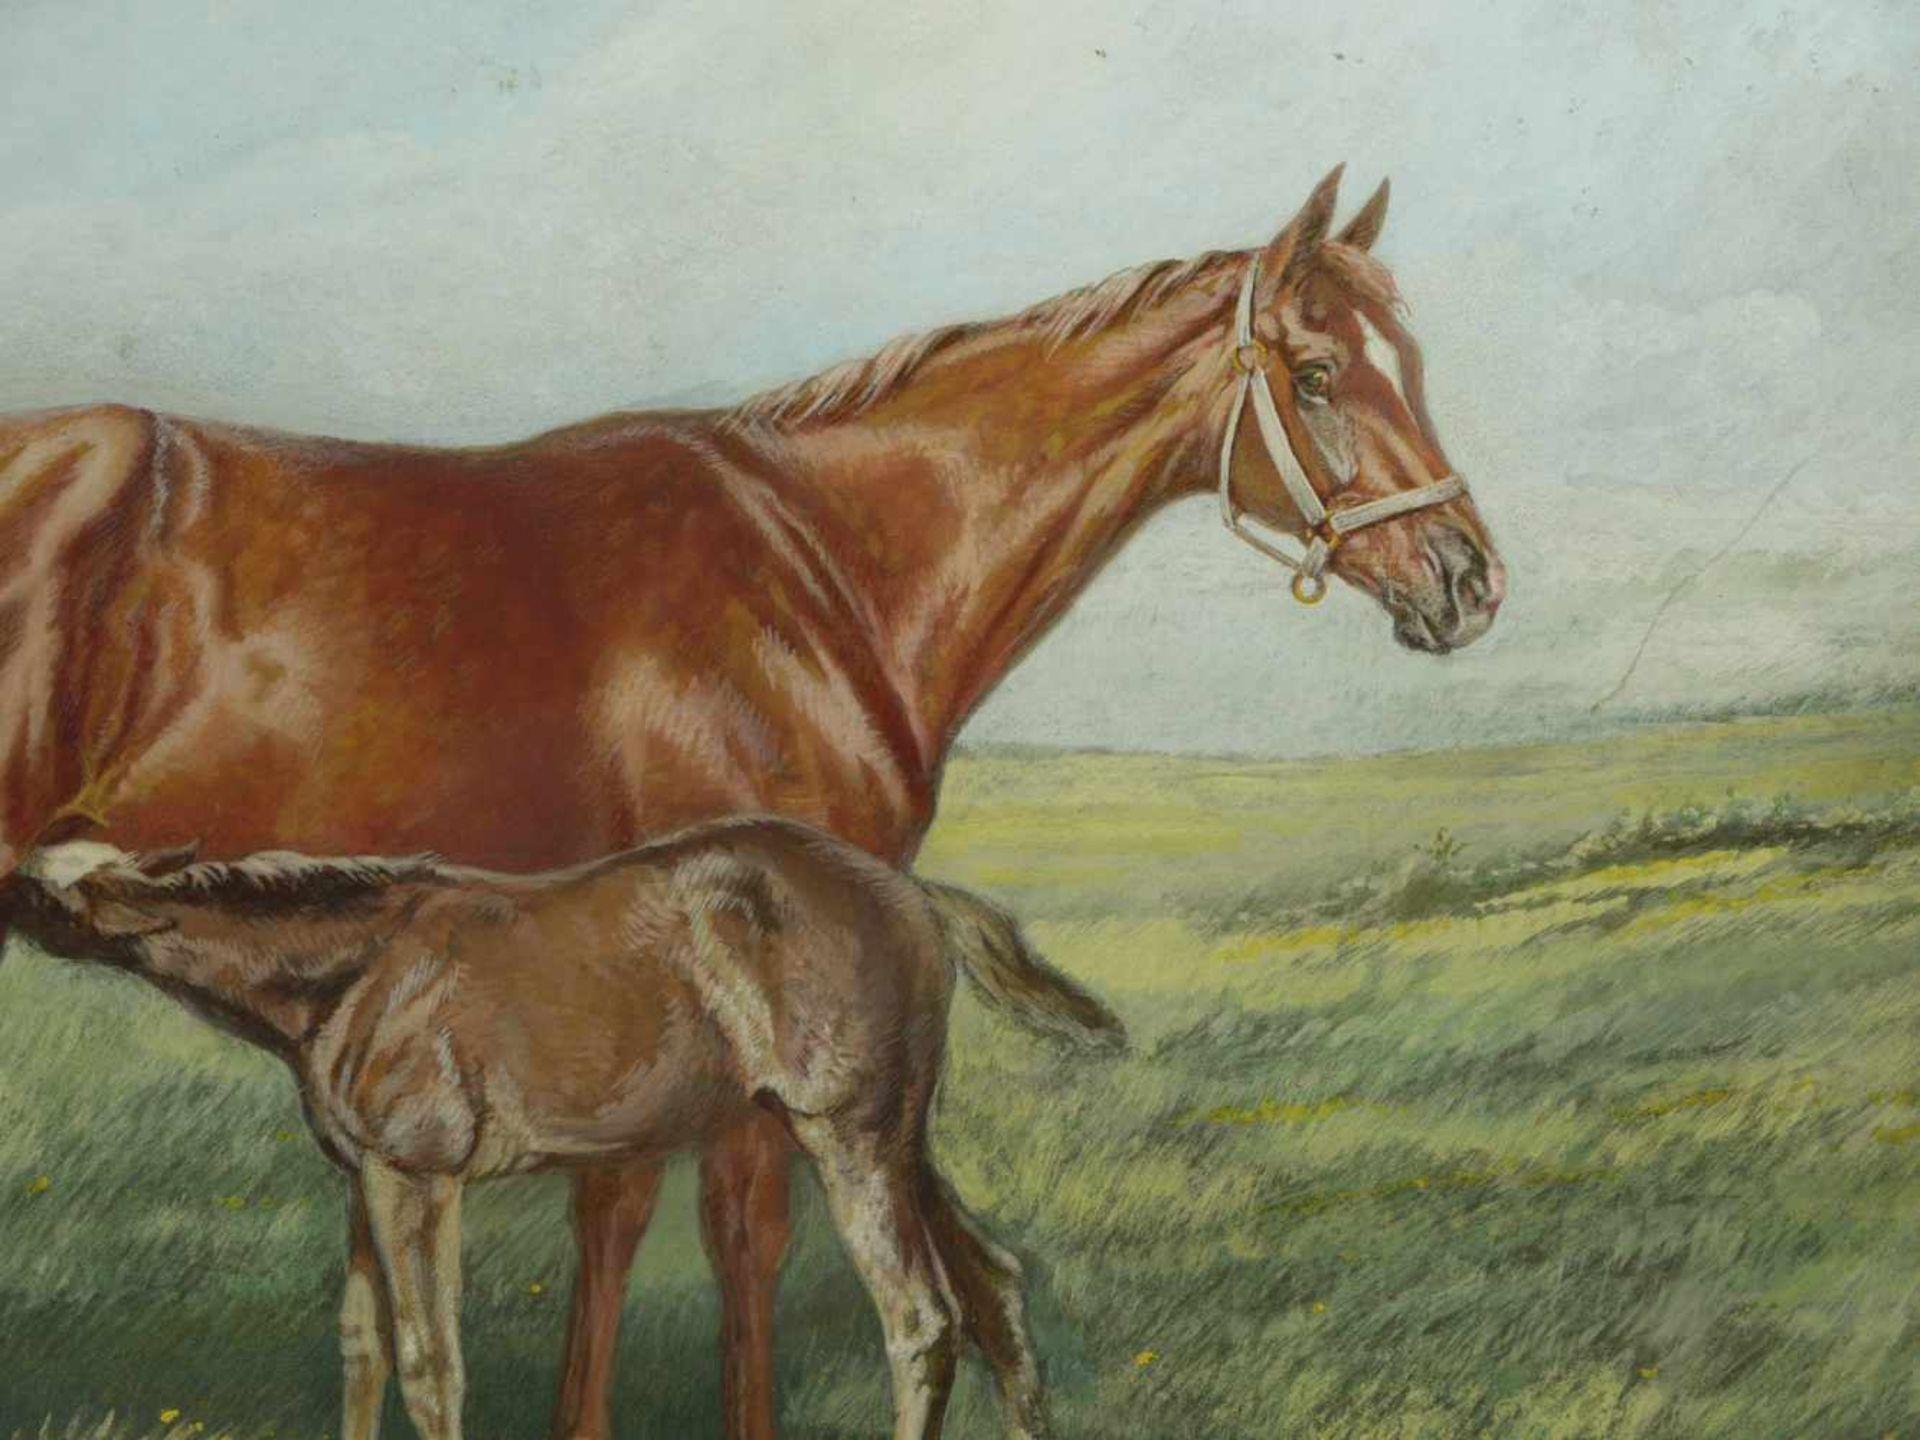 de Swertschkoff, Georges (Sverchkov, Georges) (1872-1957) - Stute mit Fohlen 1934Naturalistisch - Bild 4 aus 5